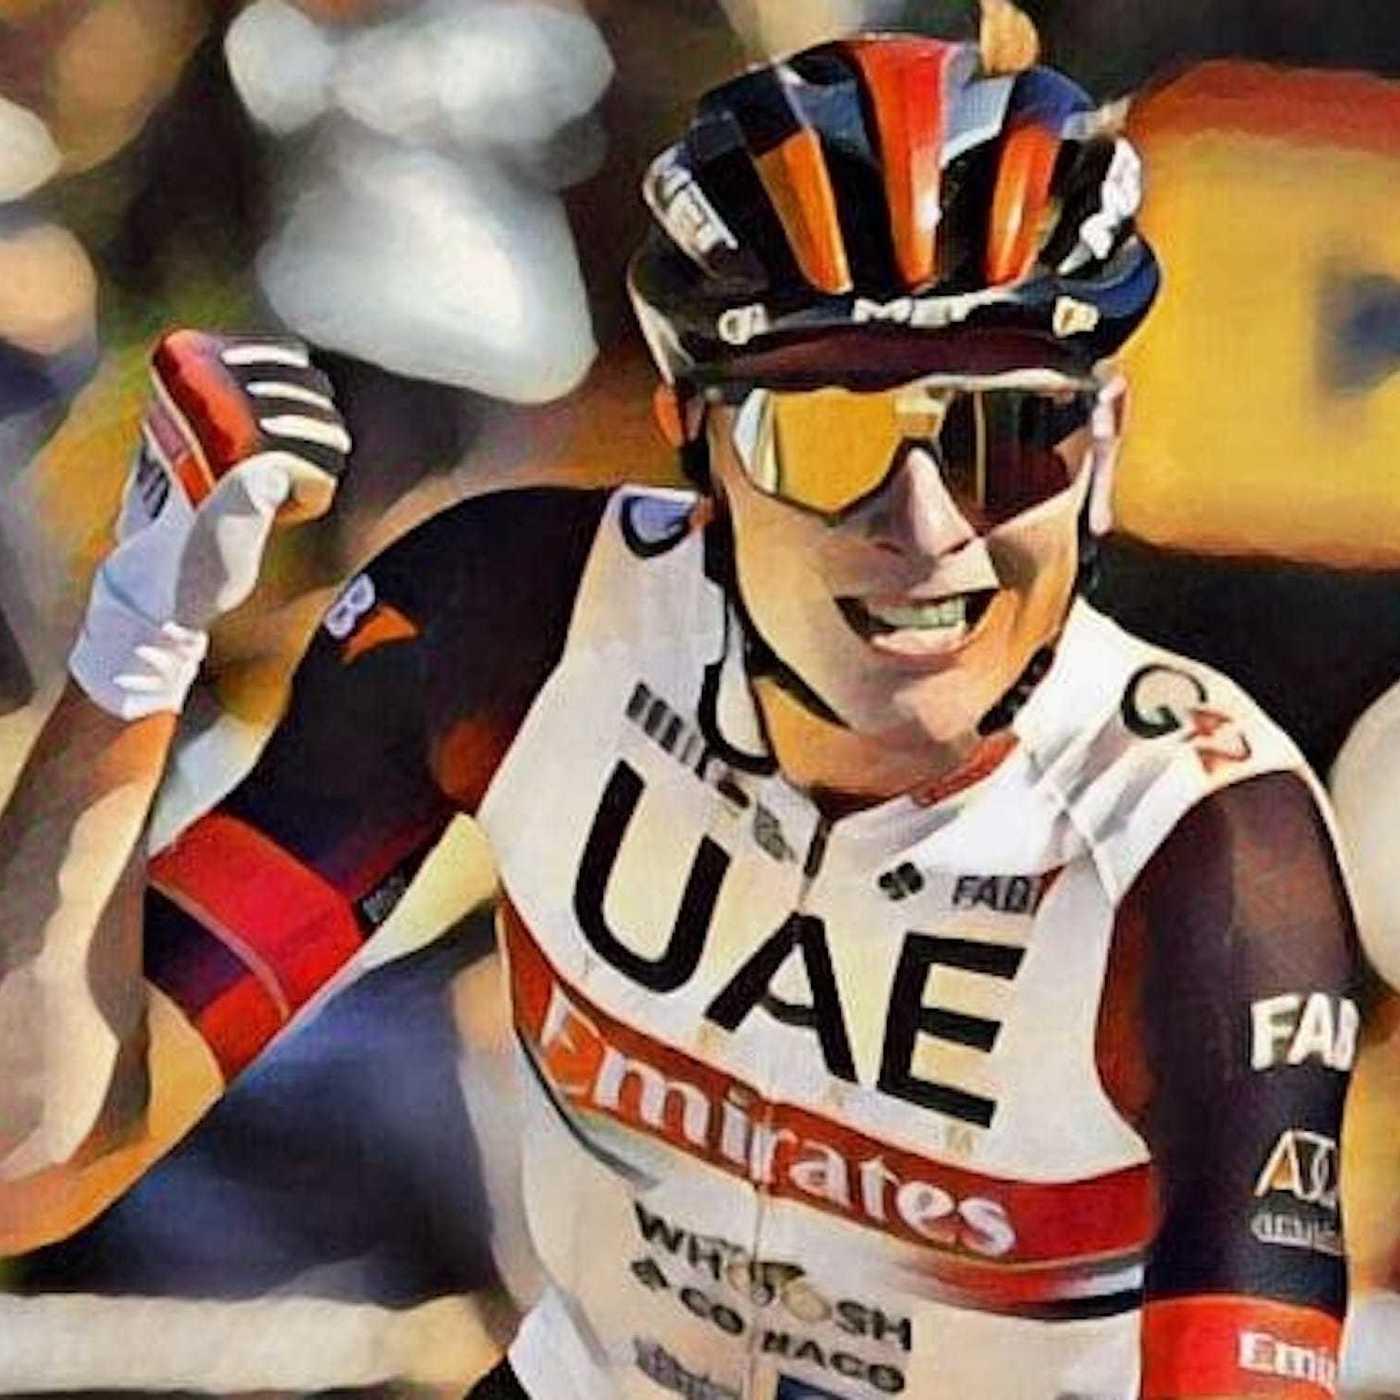 Luik Bastenaken Luik: Pogačar wint de sprint en Valverde maakt een jeugdige fout op zijn verjaardag